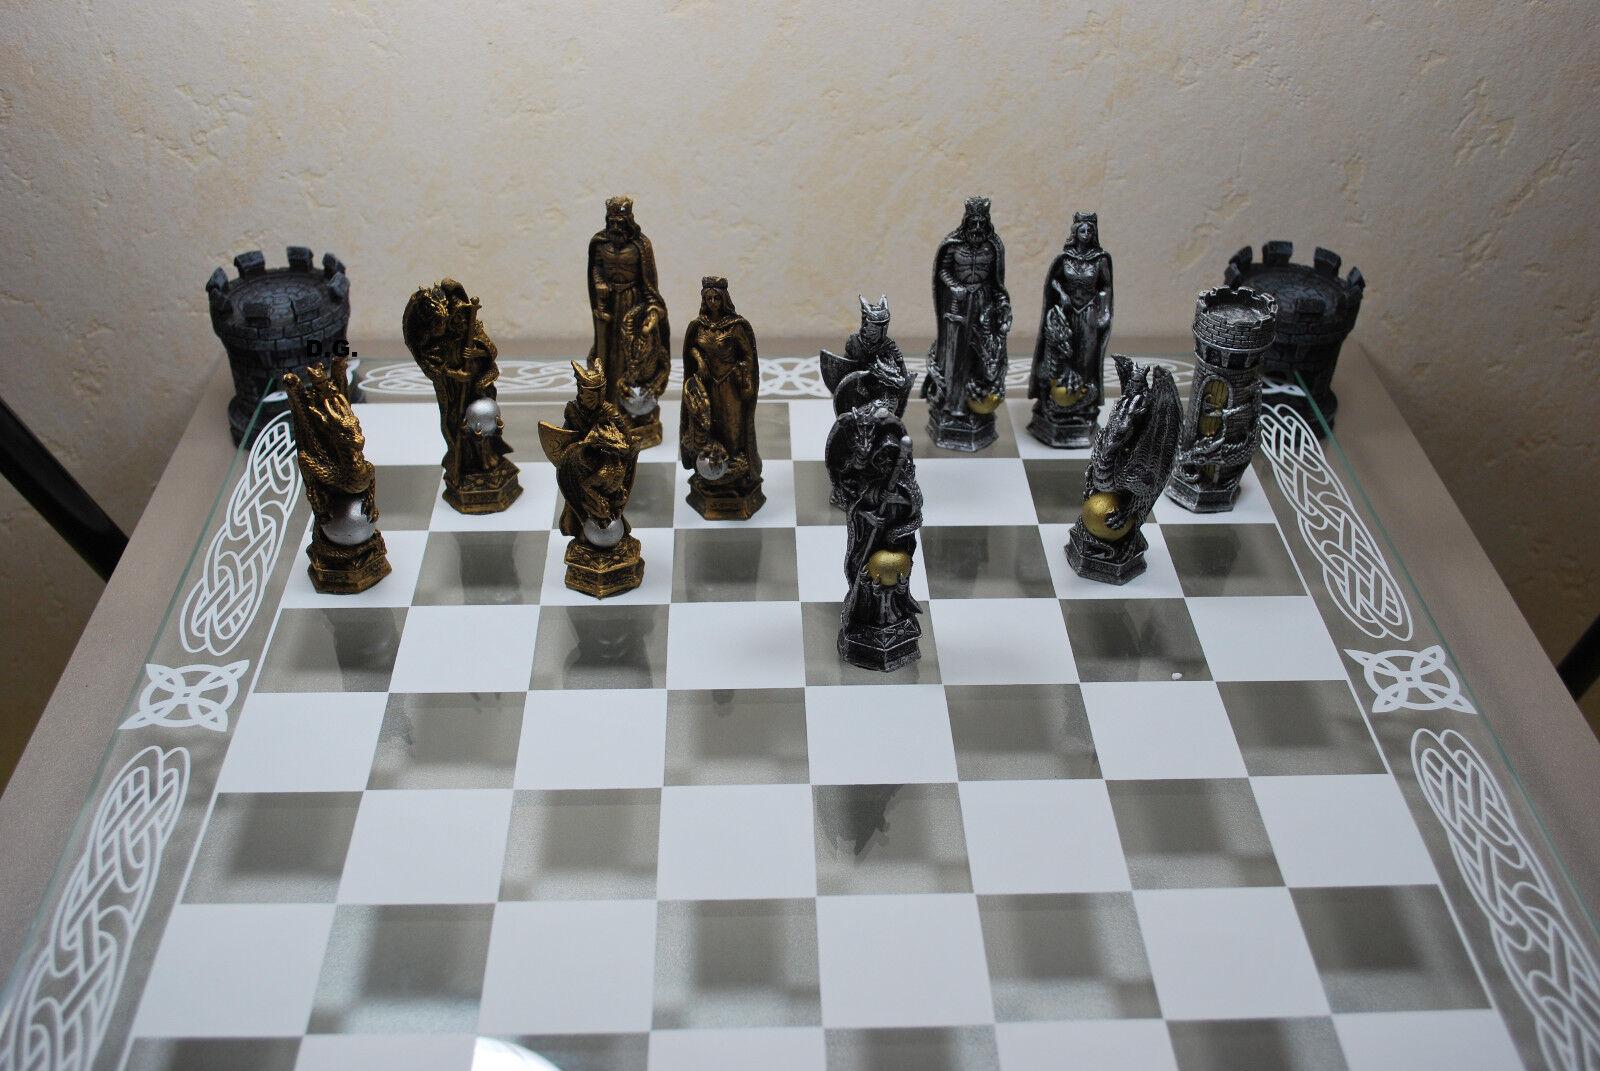 Schachspiel Ritter und Drachen mit Glasbrett Ritterschach Mittelalter Schach